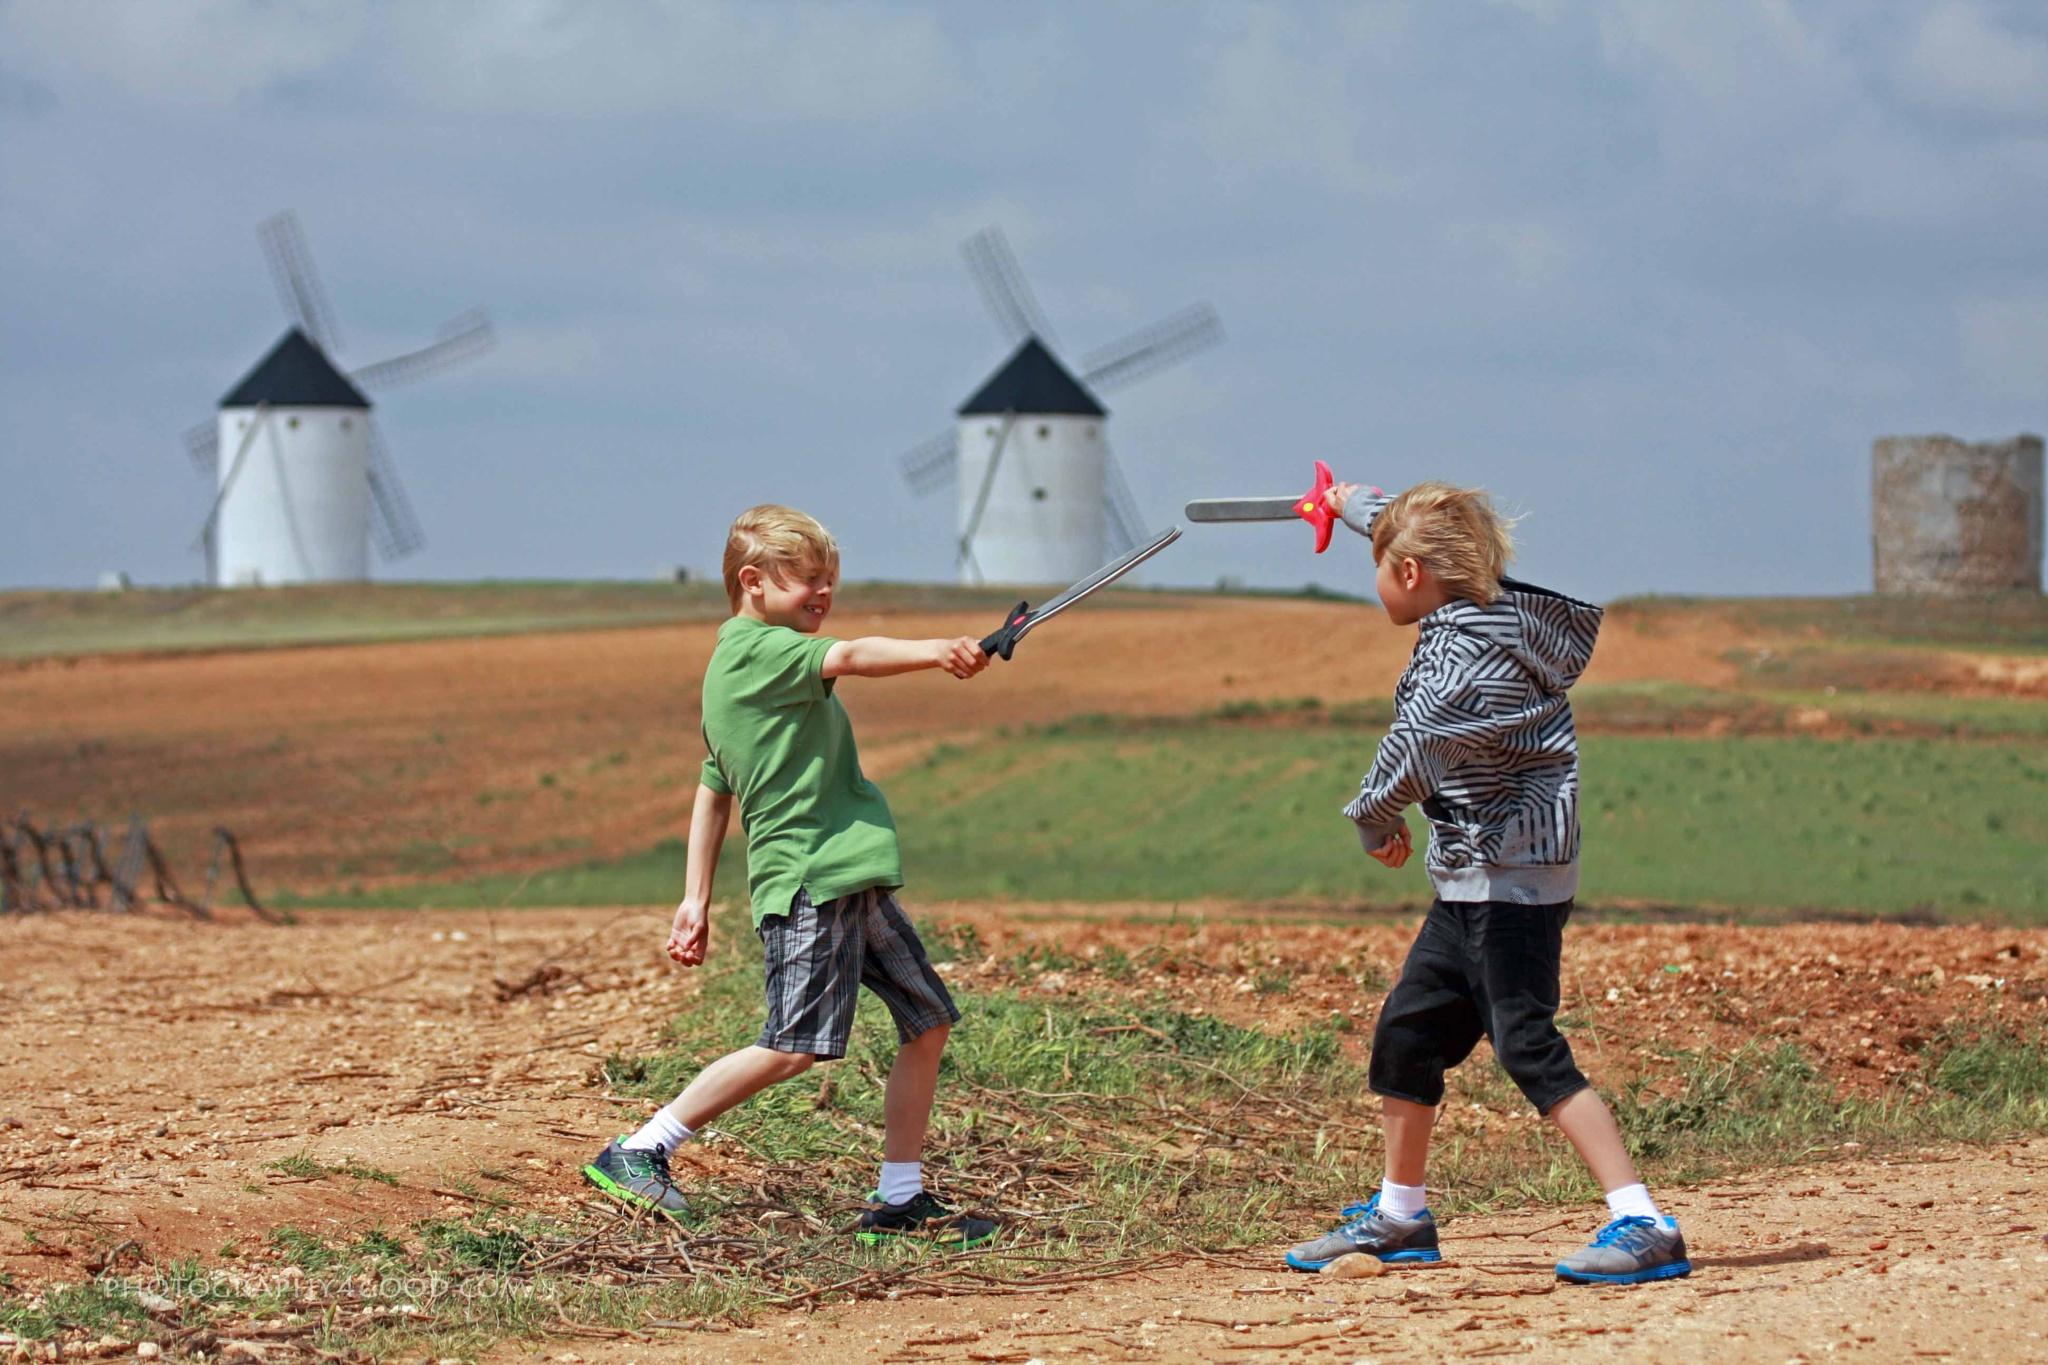 Los Niños de la Mancha by John_Ediger